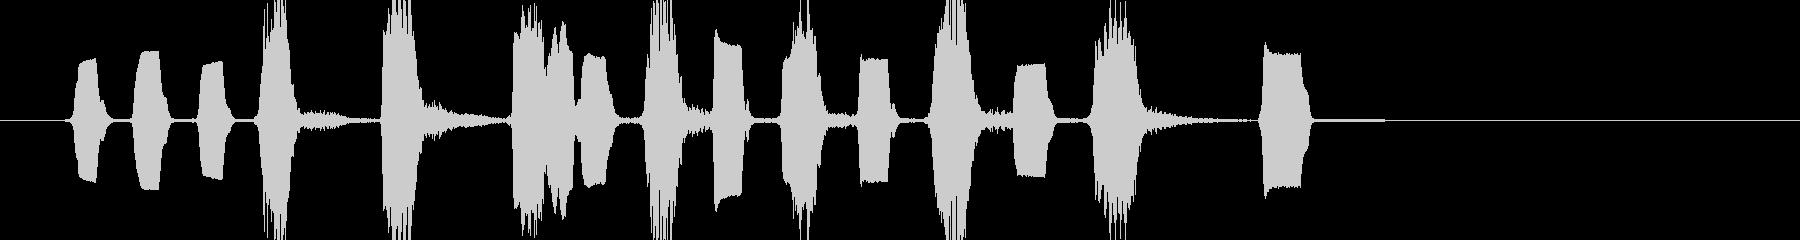 ほのぼの・かわいい・日常系 リコーダーの未再生の波形